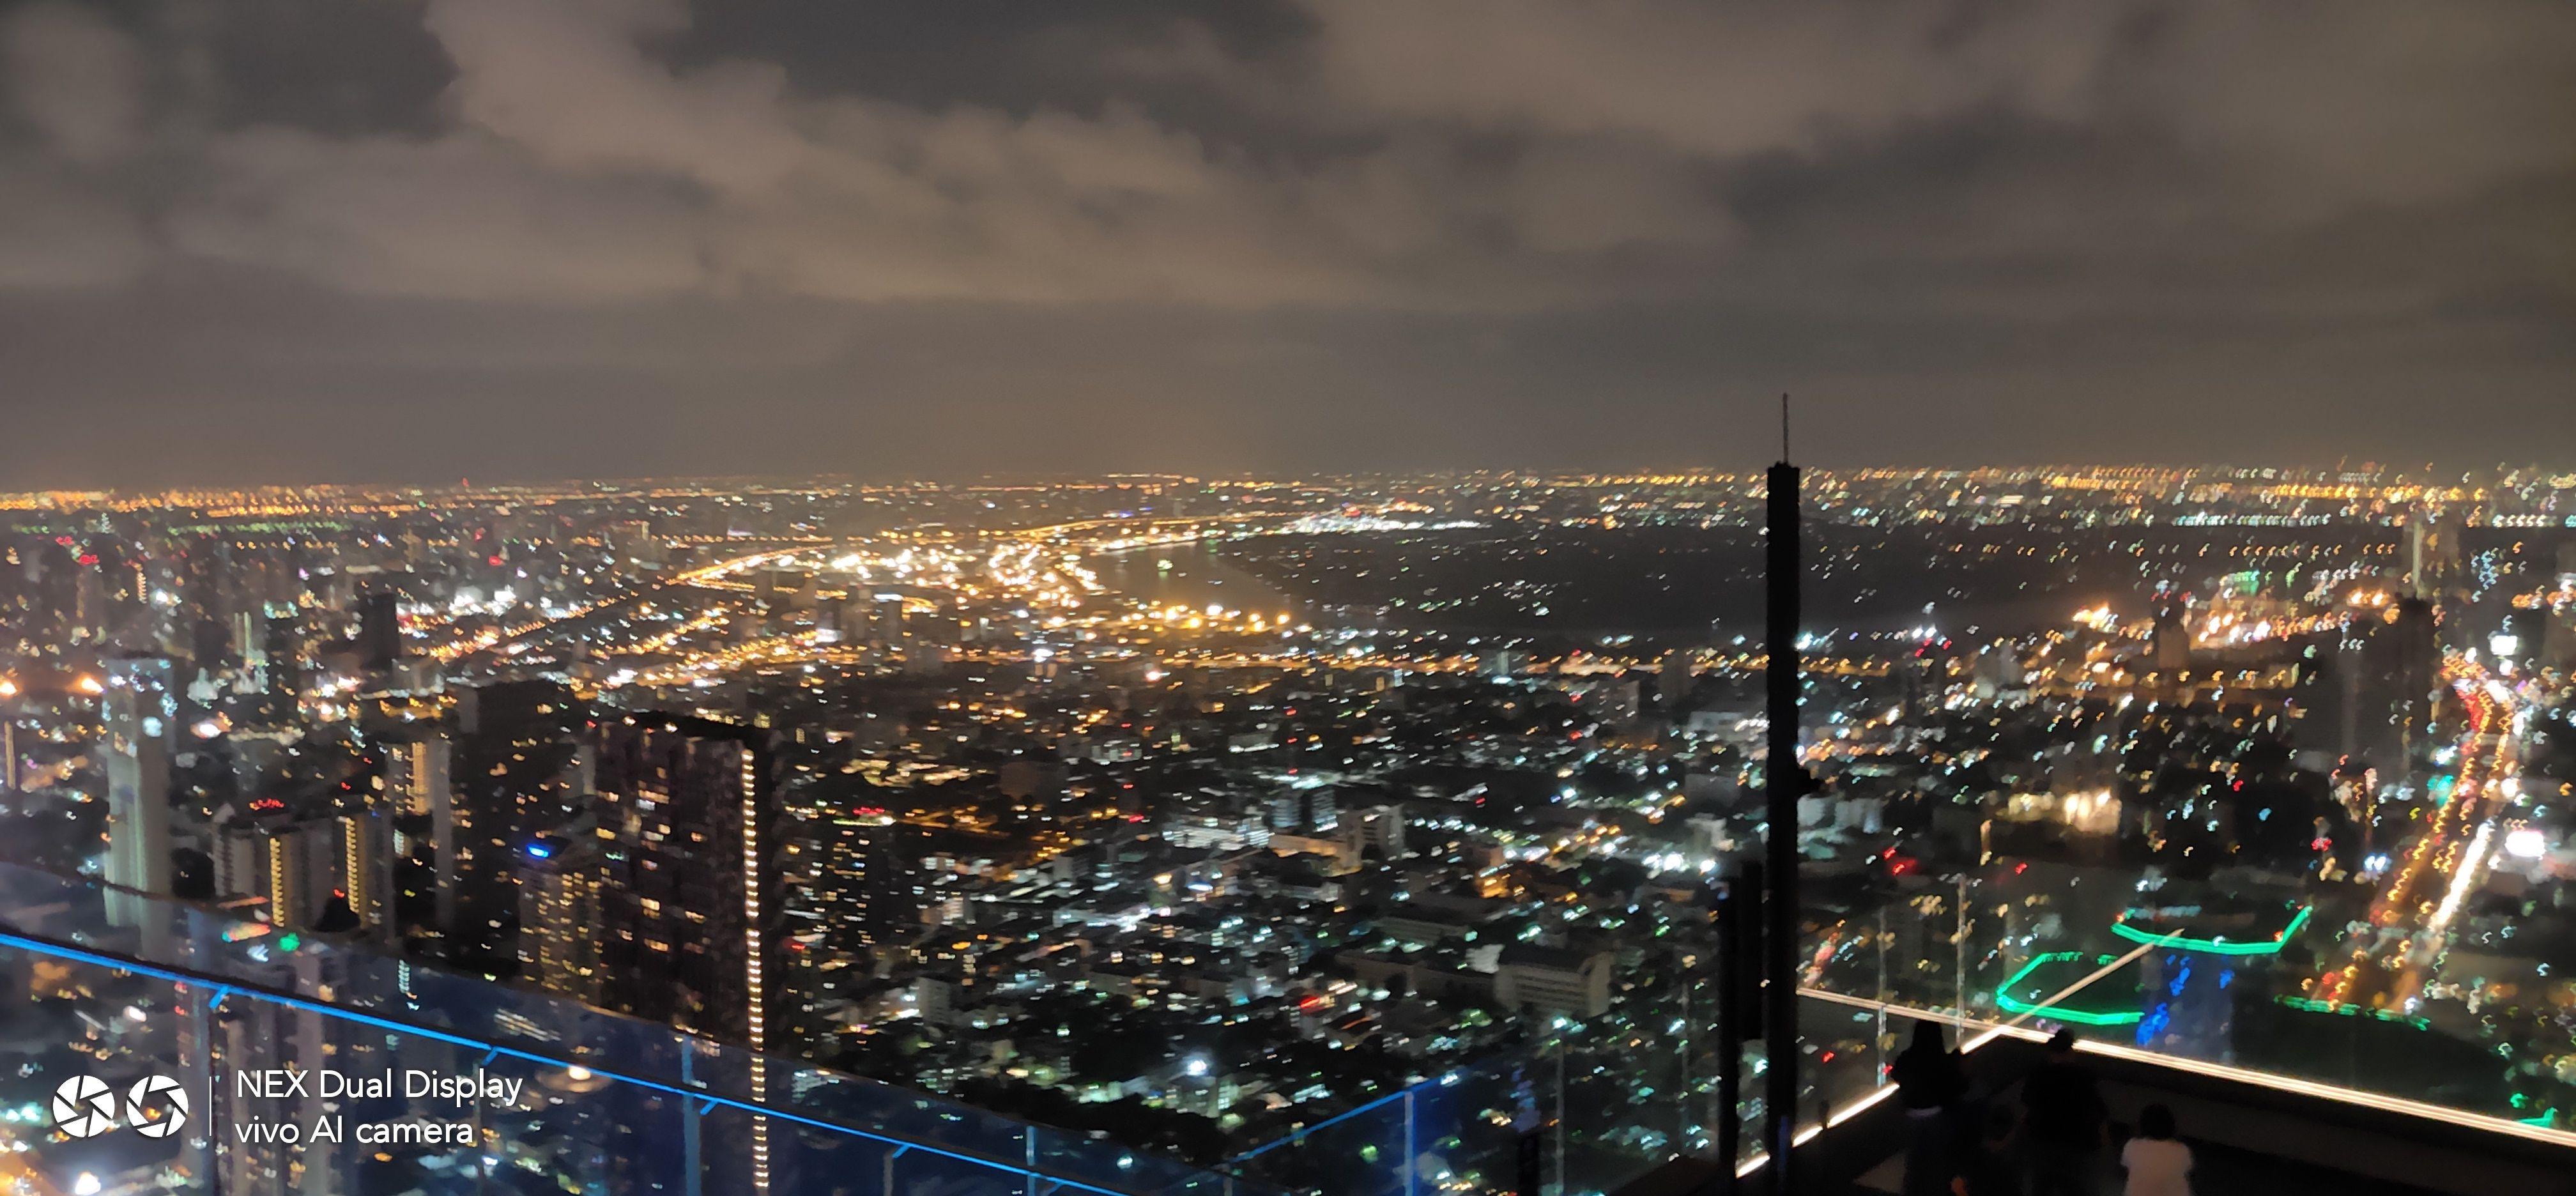 76层白玉楼空中餐厅_2020Baiyoke Sky Hotel Restaurant-旅游攻略-门票-地址-问答-游记点评 ...